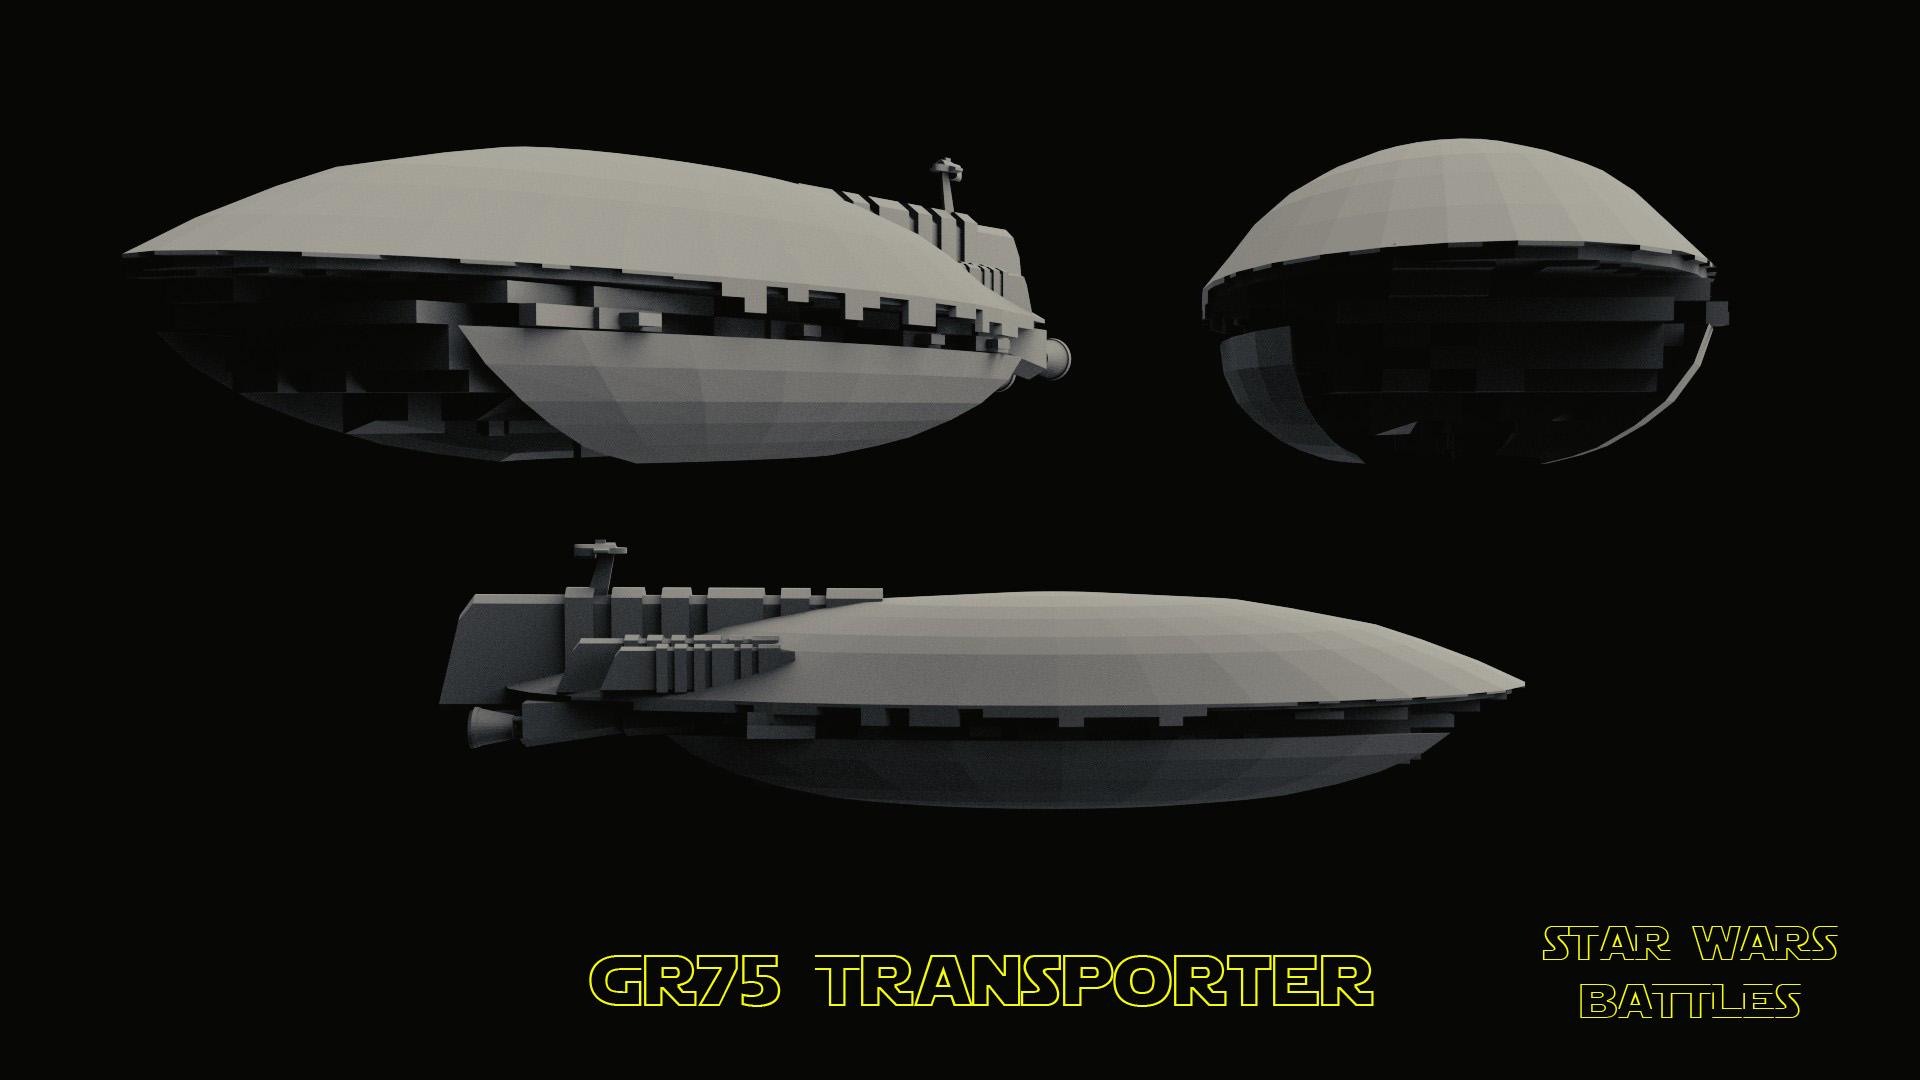 GR75 Transporter render